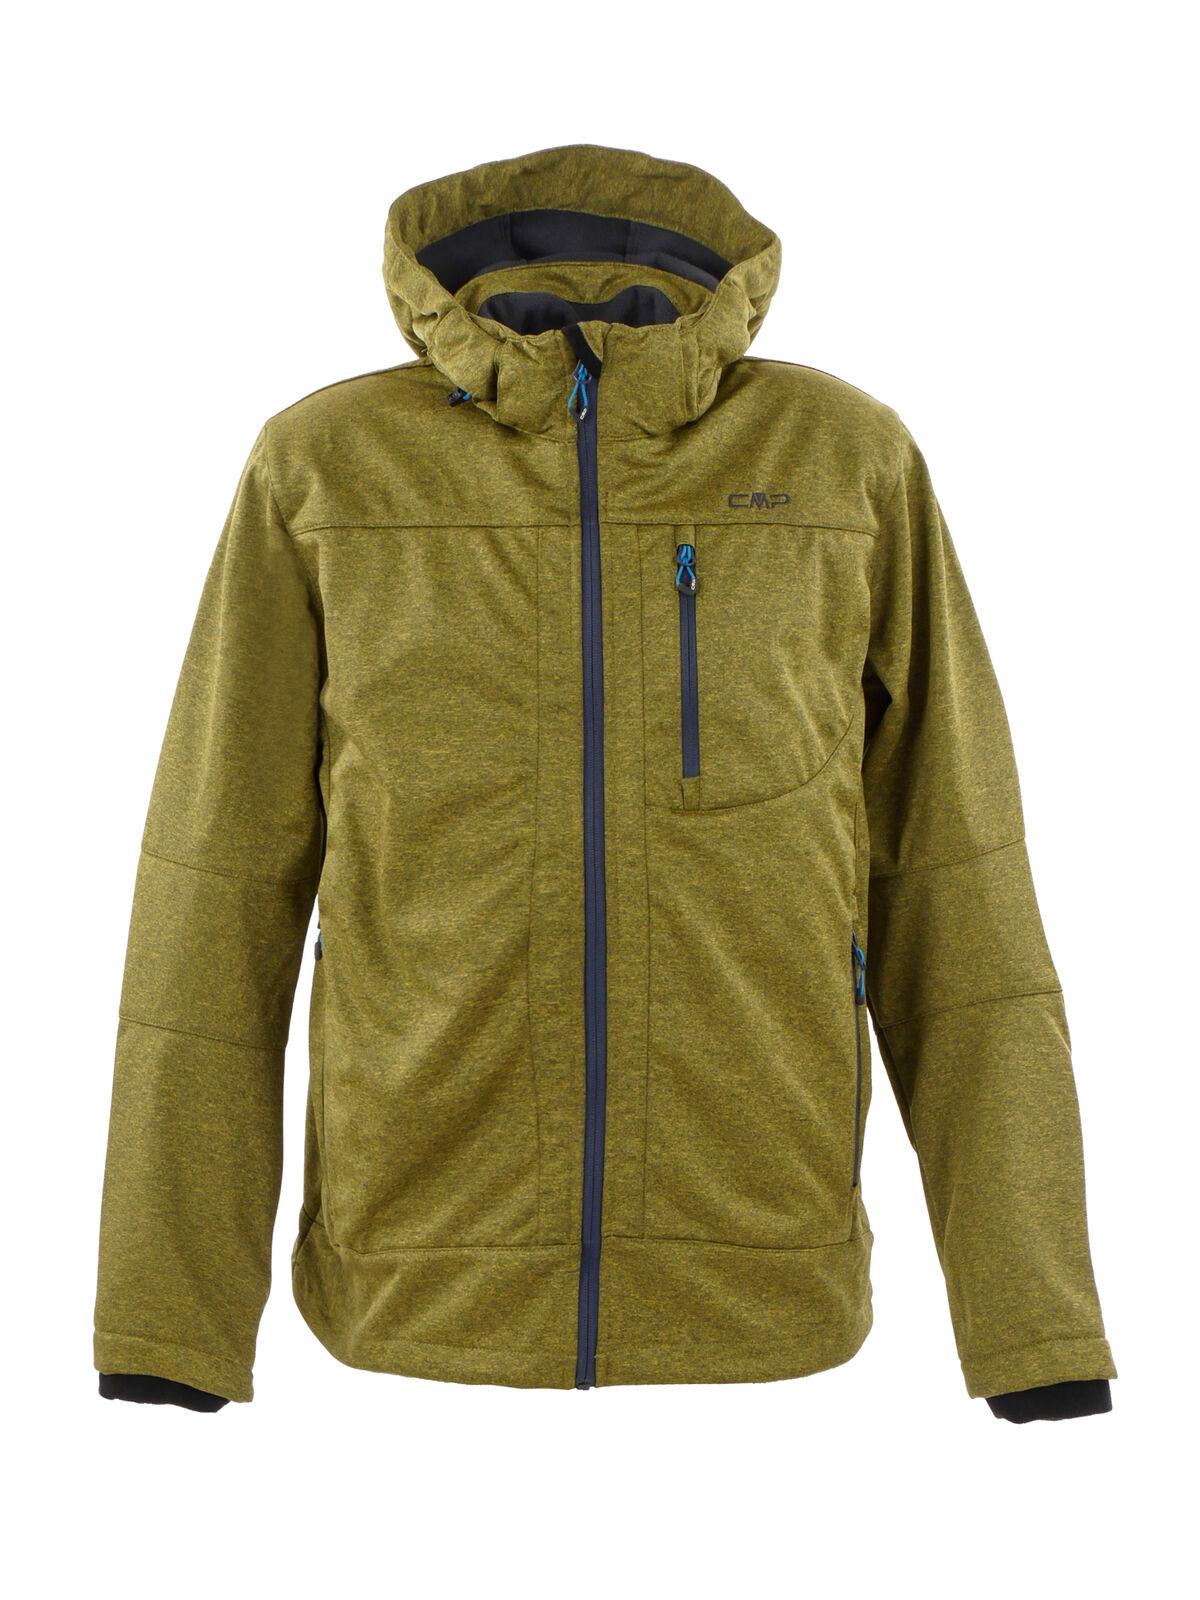 Man SCI Jacket Fix Hood Skijacke Herren